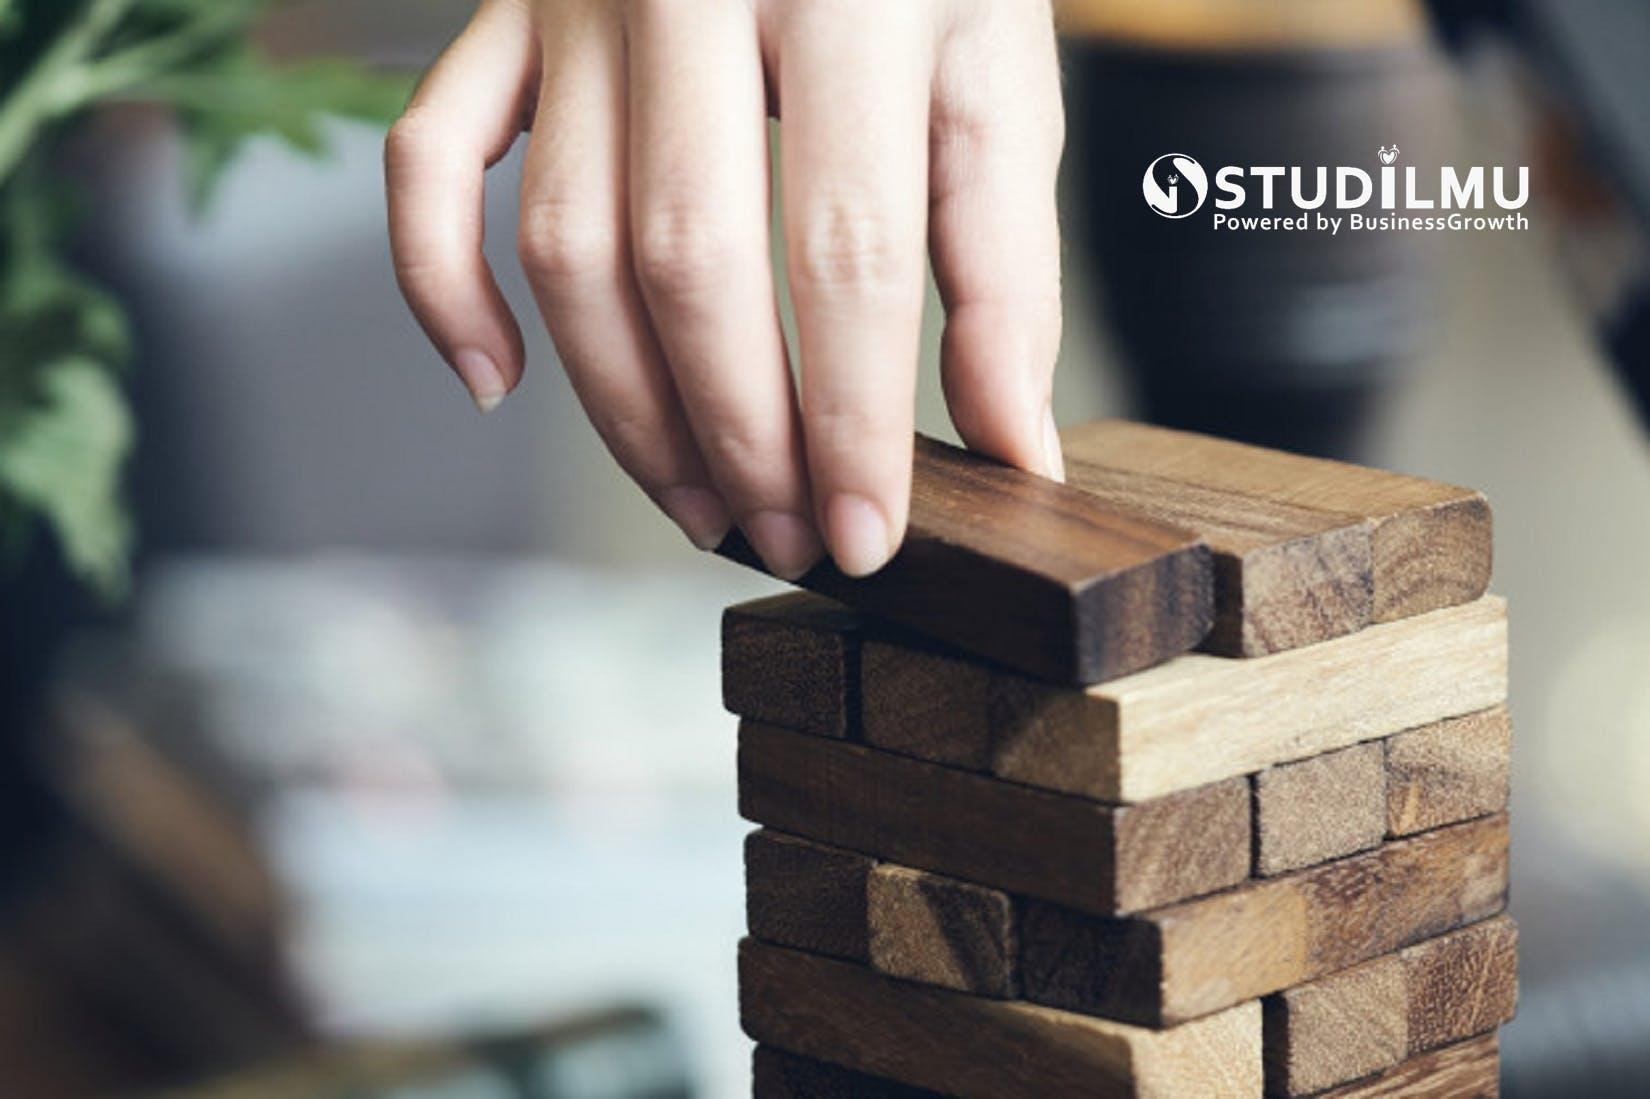 STUDILMU Career Advice - Sukses adalah Berani Mengambil Risiko